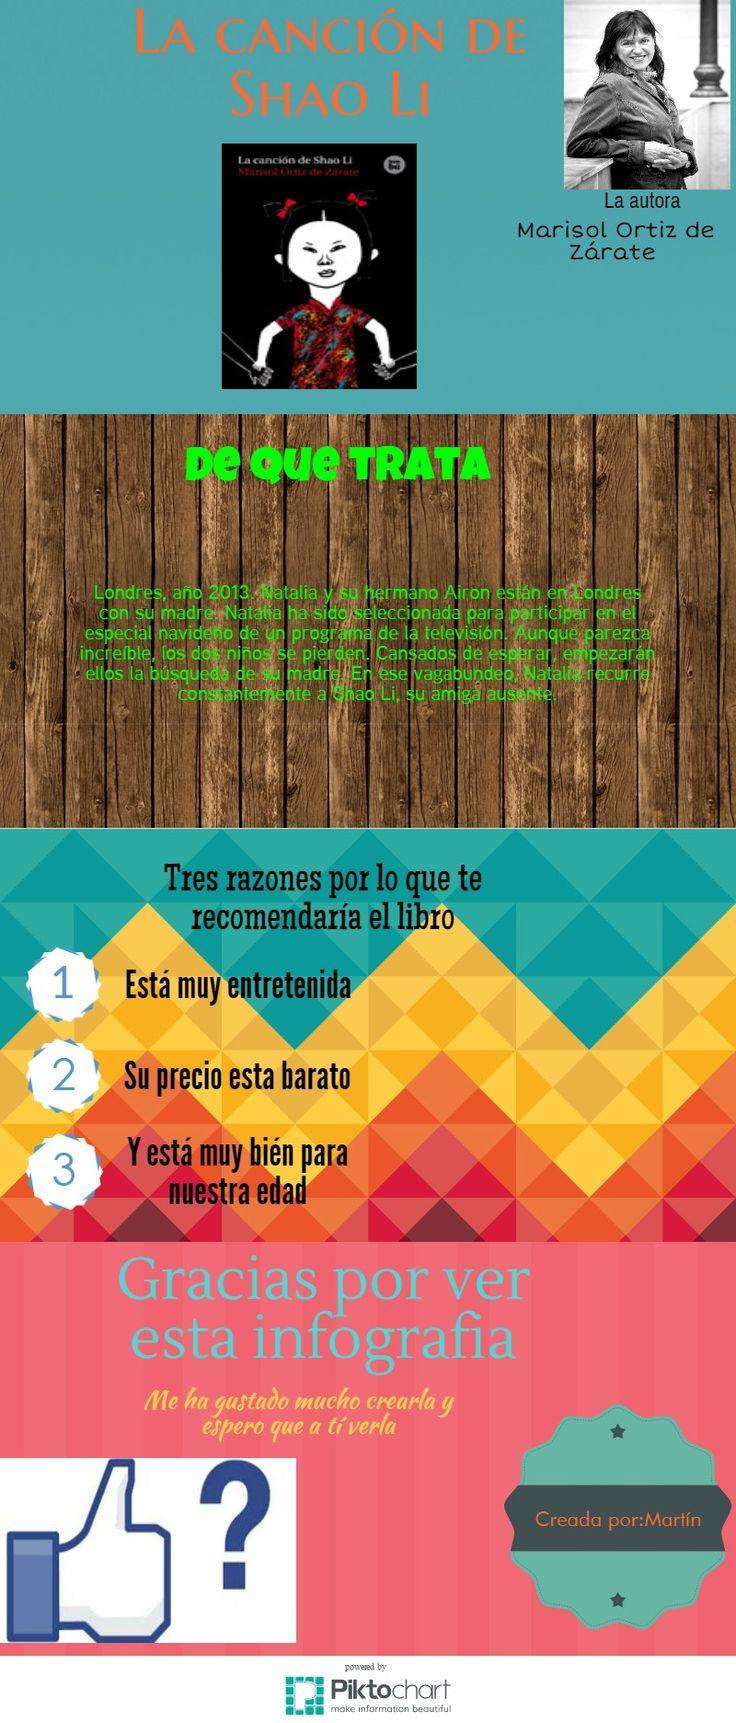 Infolectura, La canción de Saho-Li, por Martín